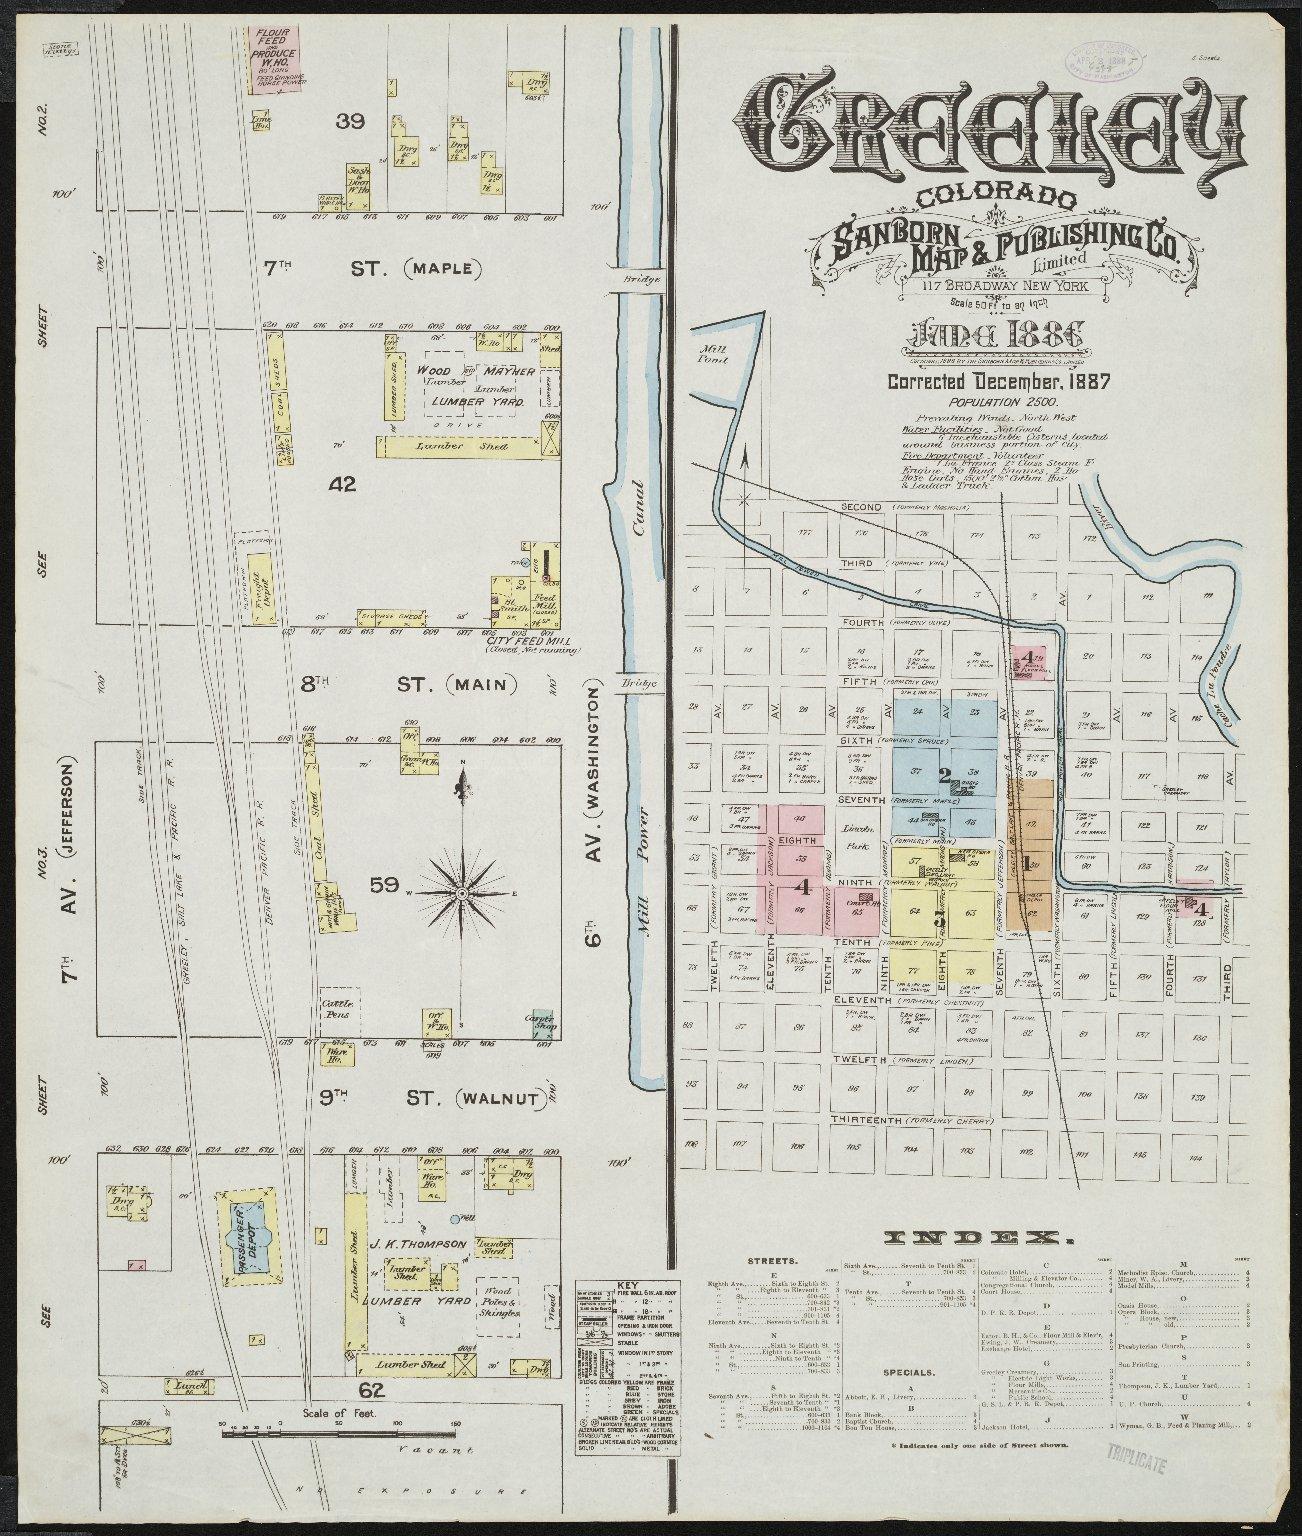 Greeley, Colorado